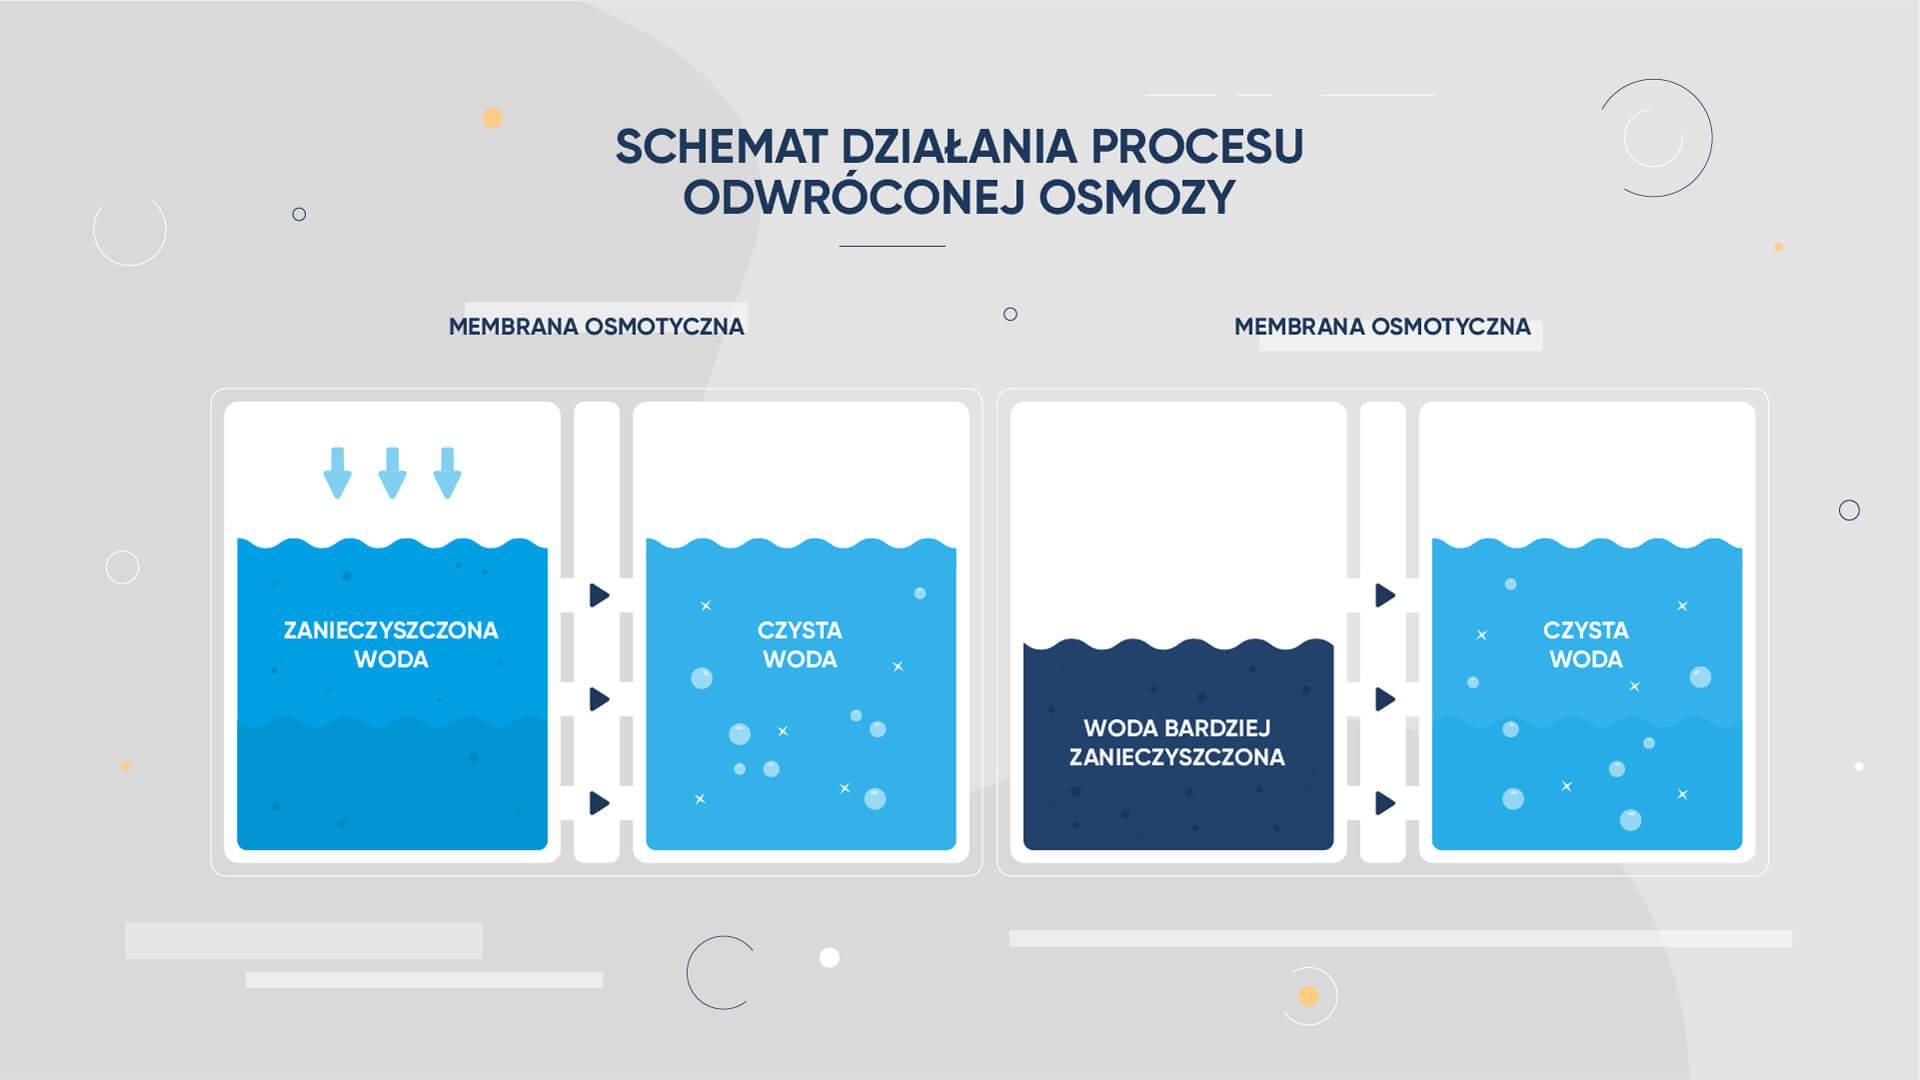 Schemat działania procesu odwróconej osmozy